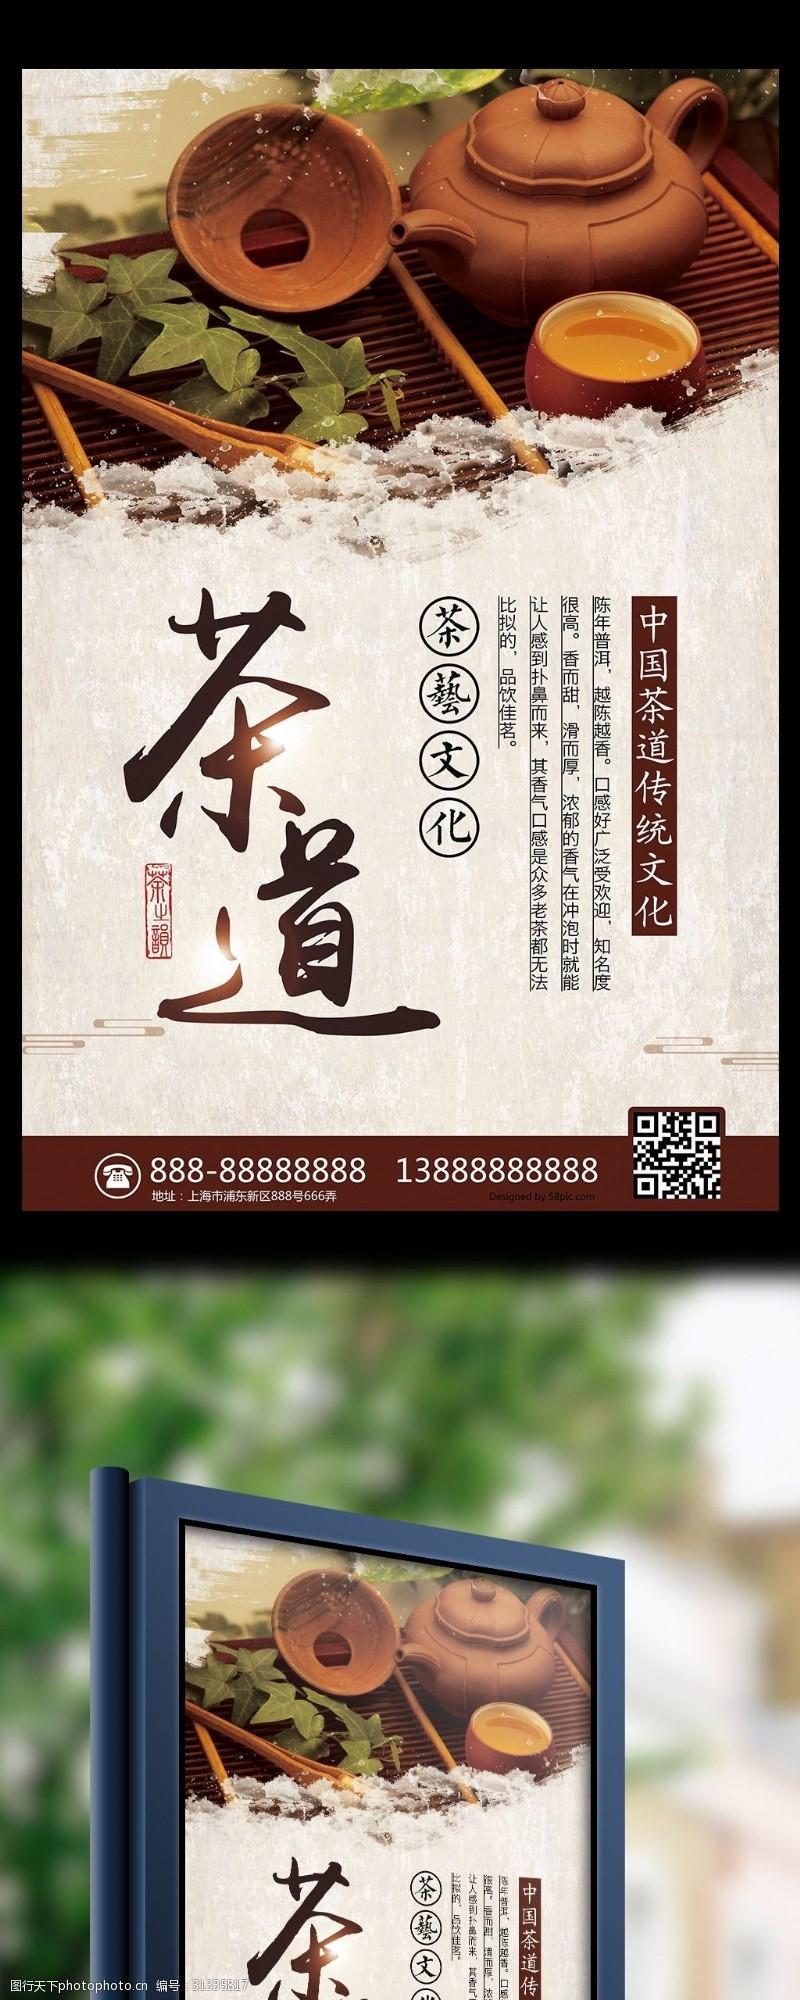 古典茶道中国风背景茶艺茶道文化宣传海报模板